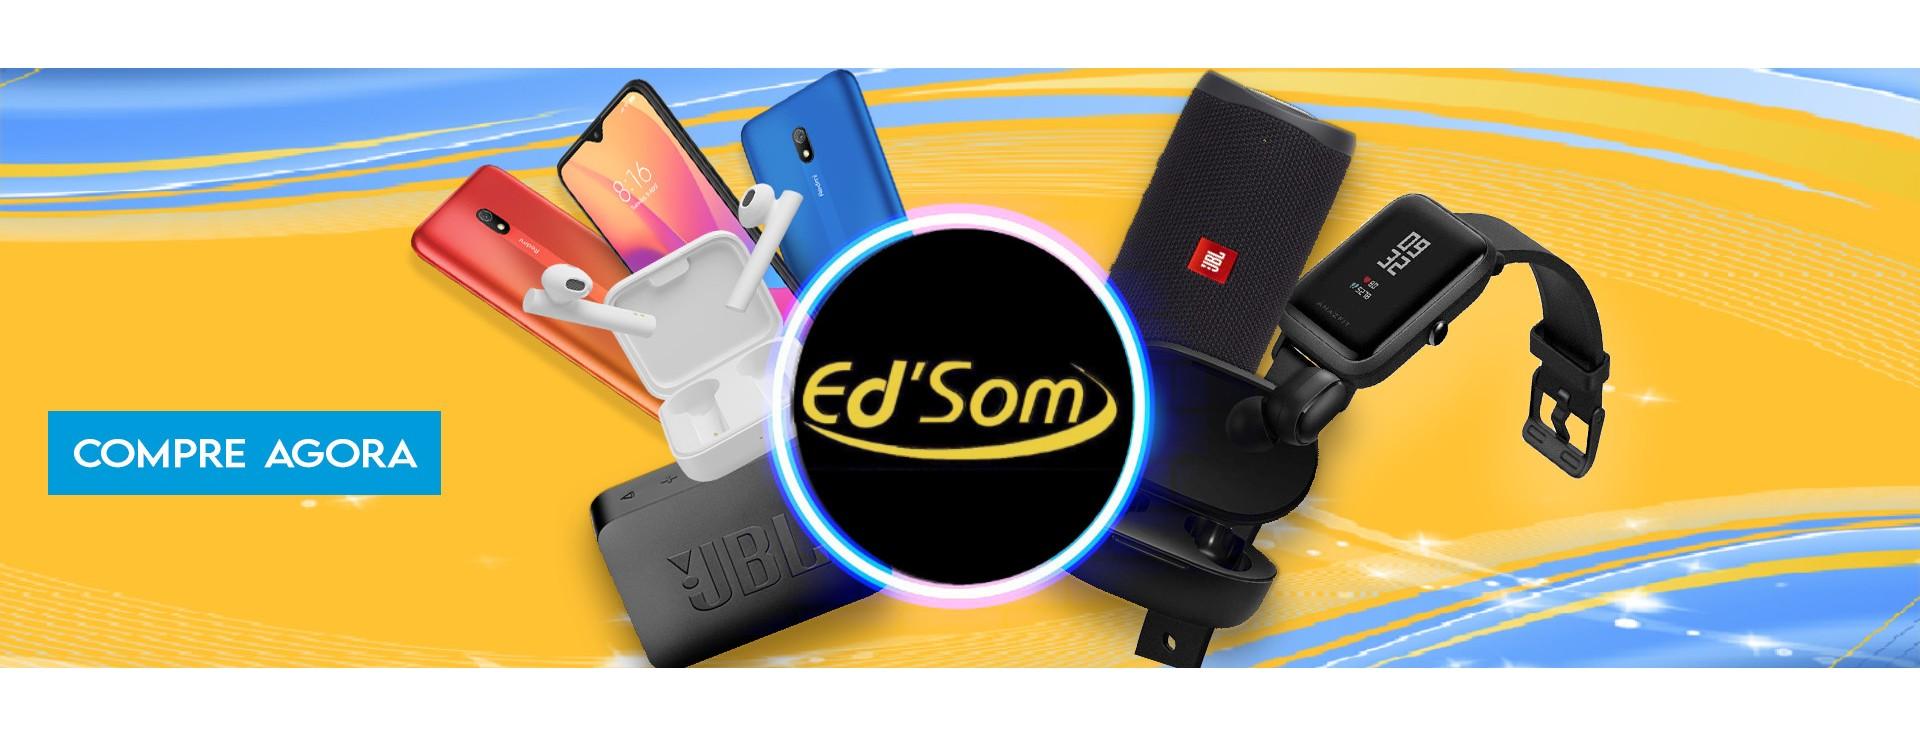 Produtos da EDSOM